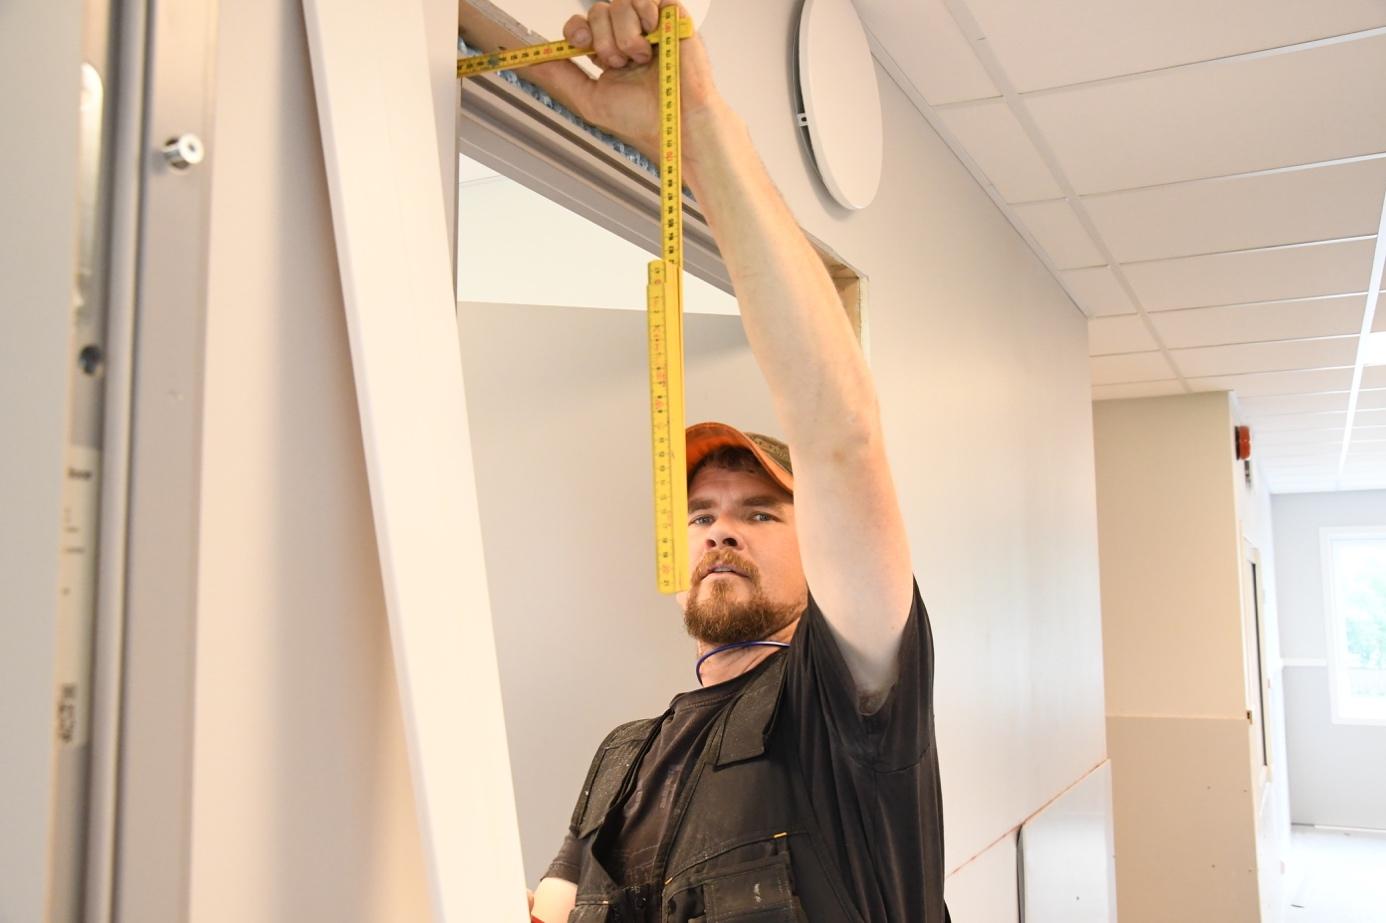 Et bilde som inneholder vegg, innendørs, person, stående  Automatisk generert beskrivelse